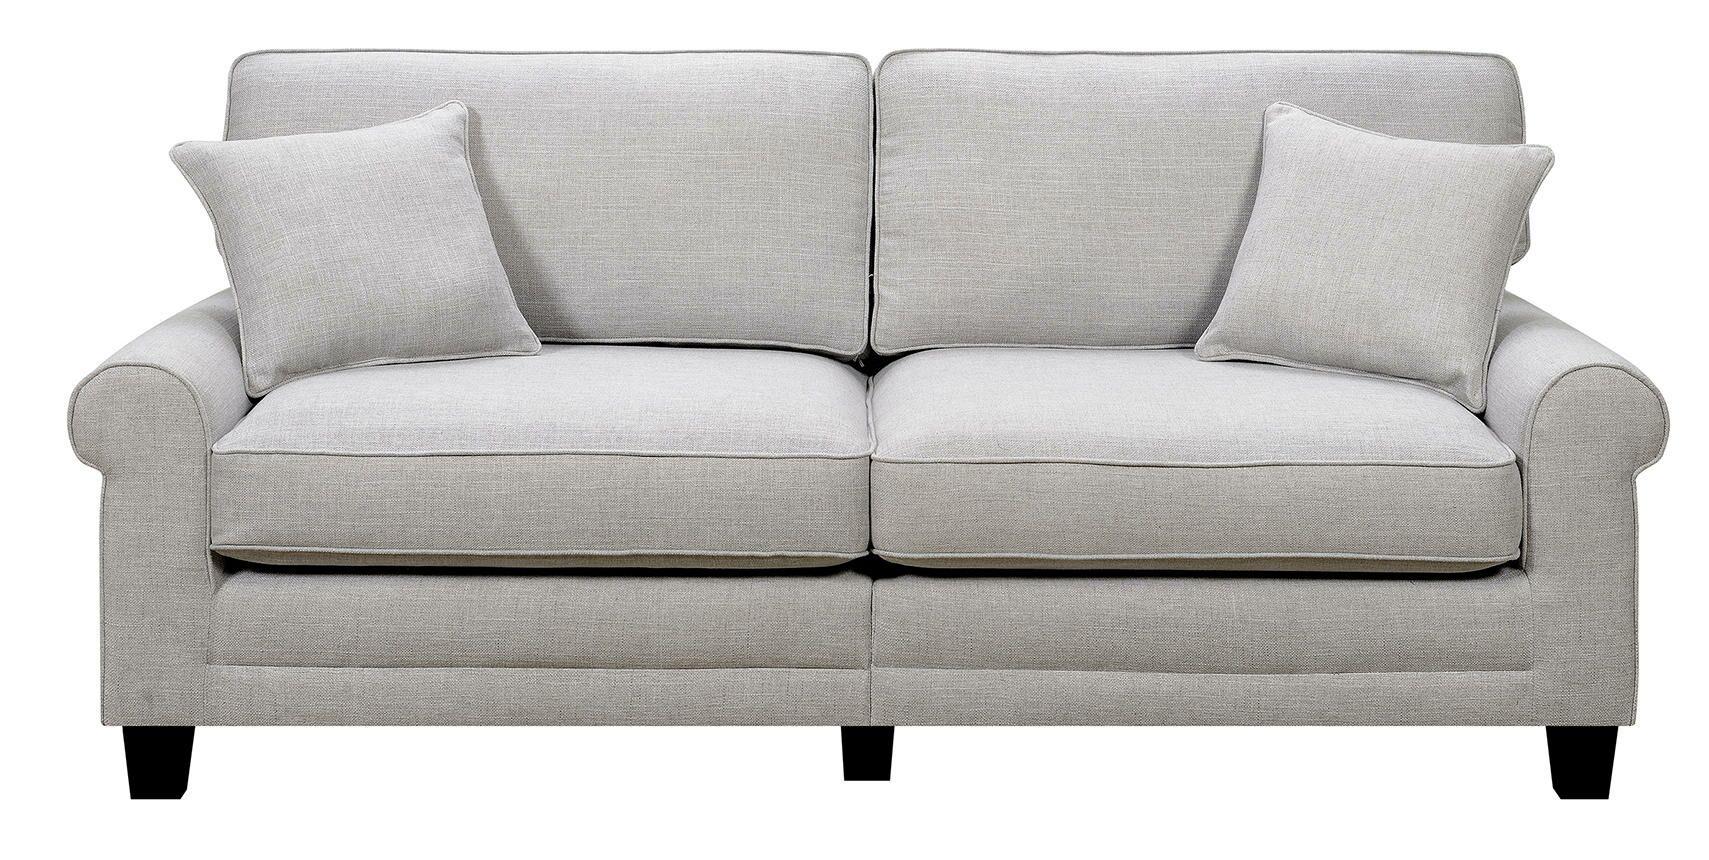 Buxton Sofa Upholstery: Light Gray